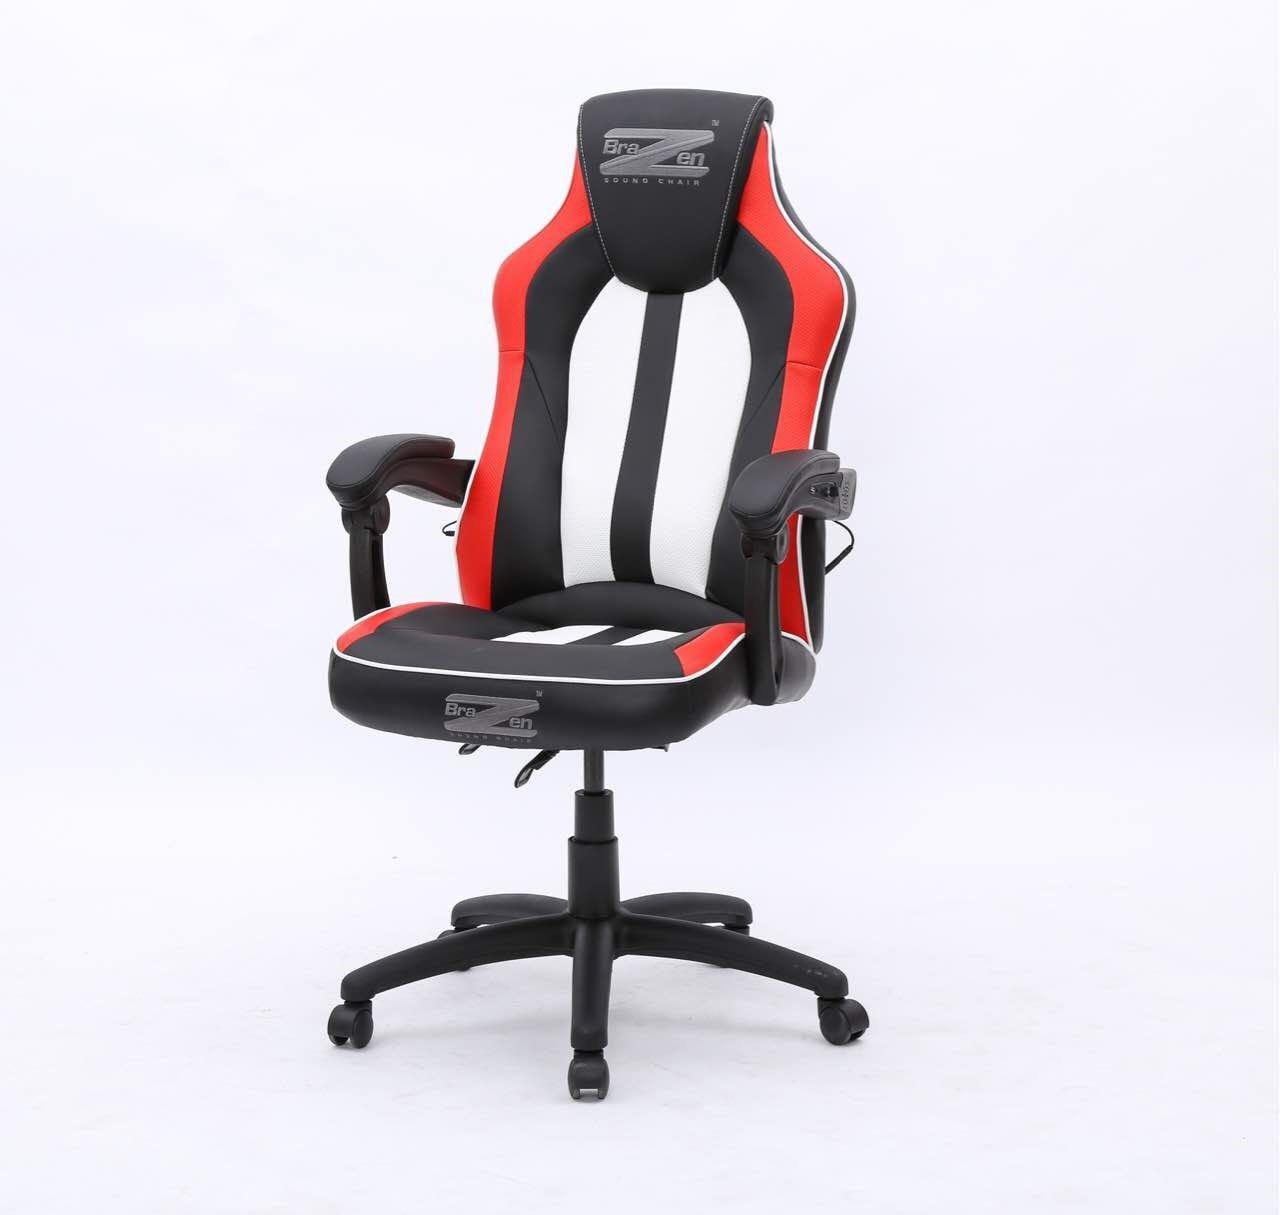 BraZen Stealth 4.0 Surround Sound Bluetooth PC Gaming Chair Black/White/Red 17925